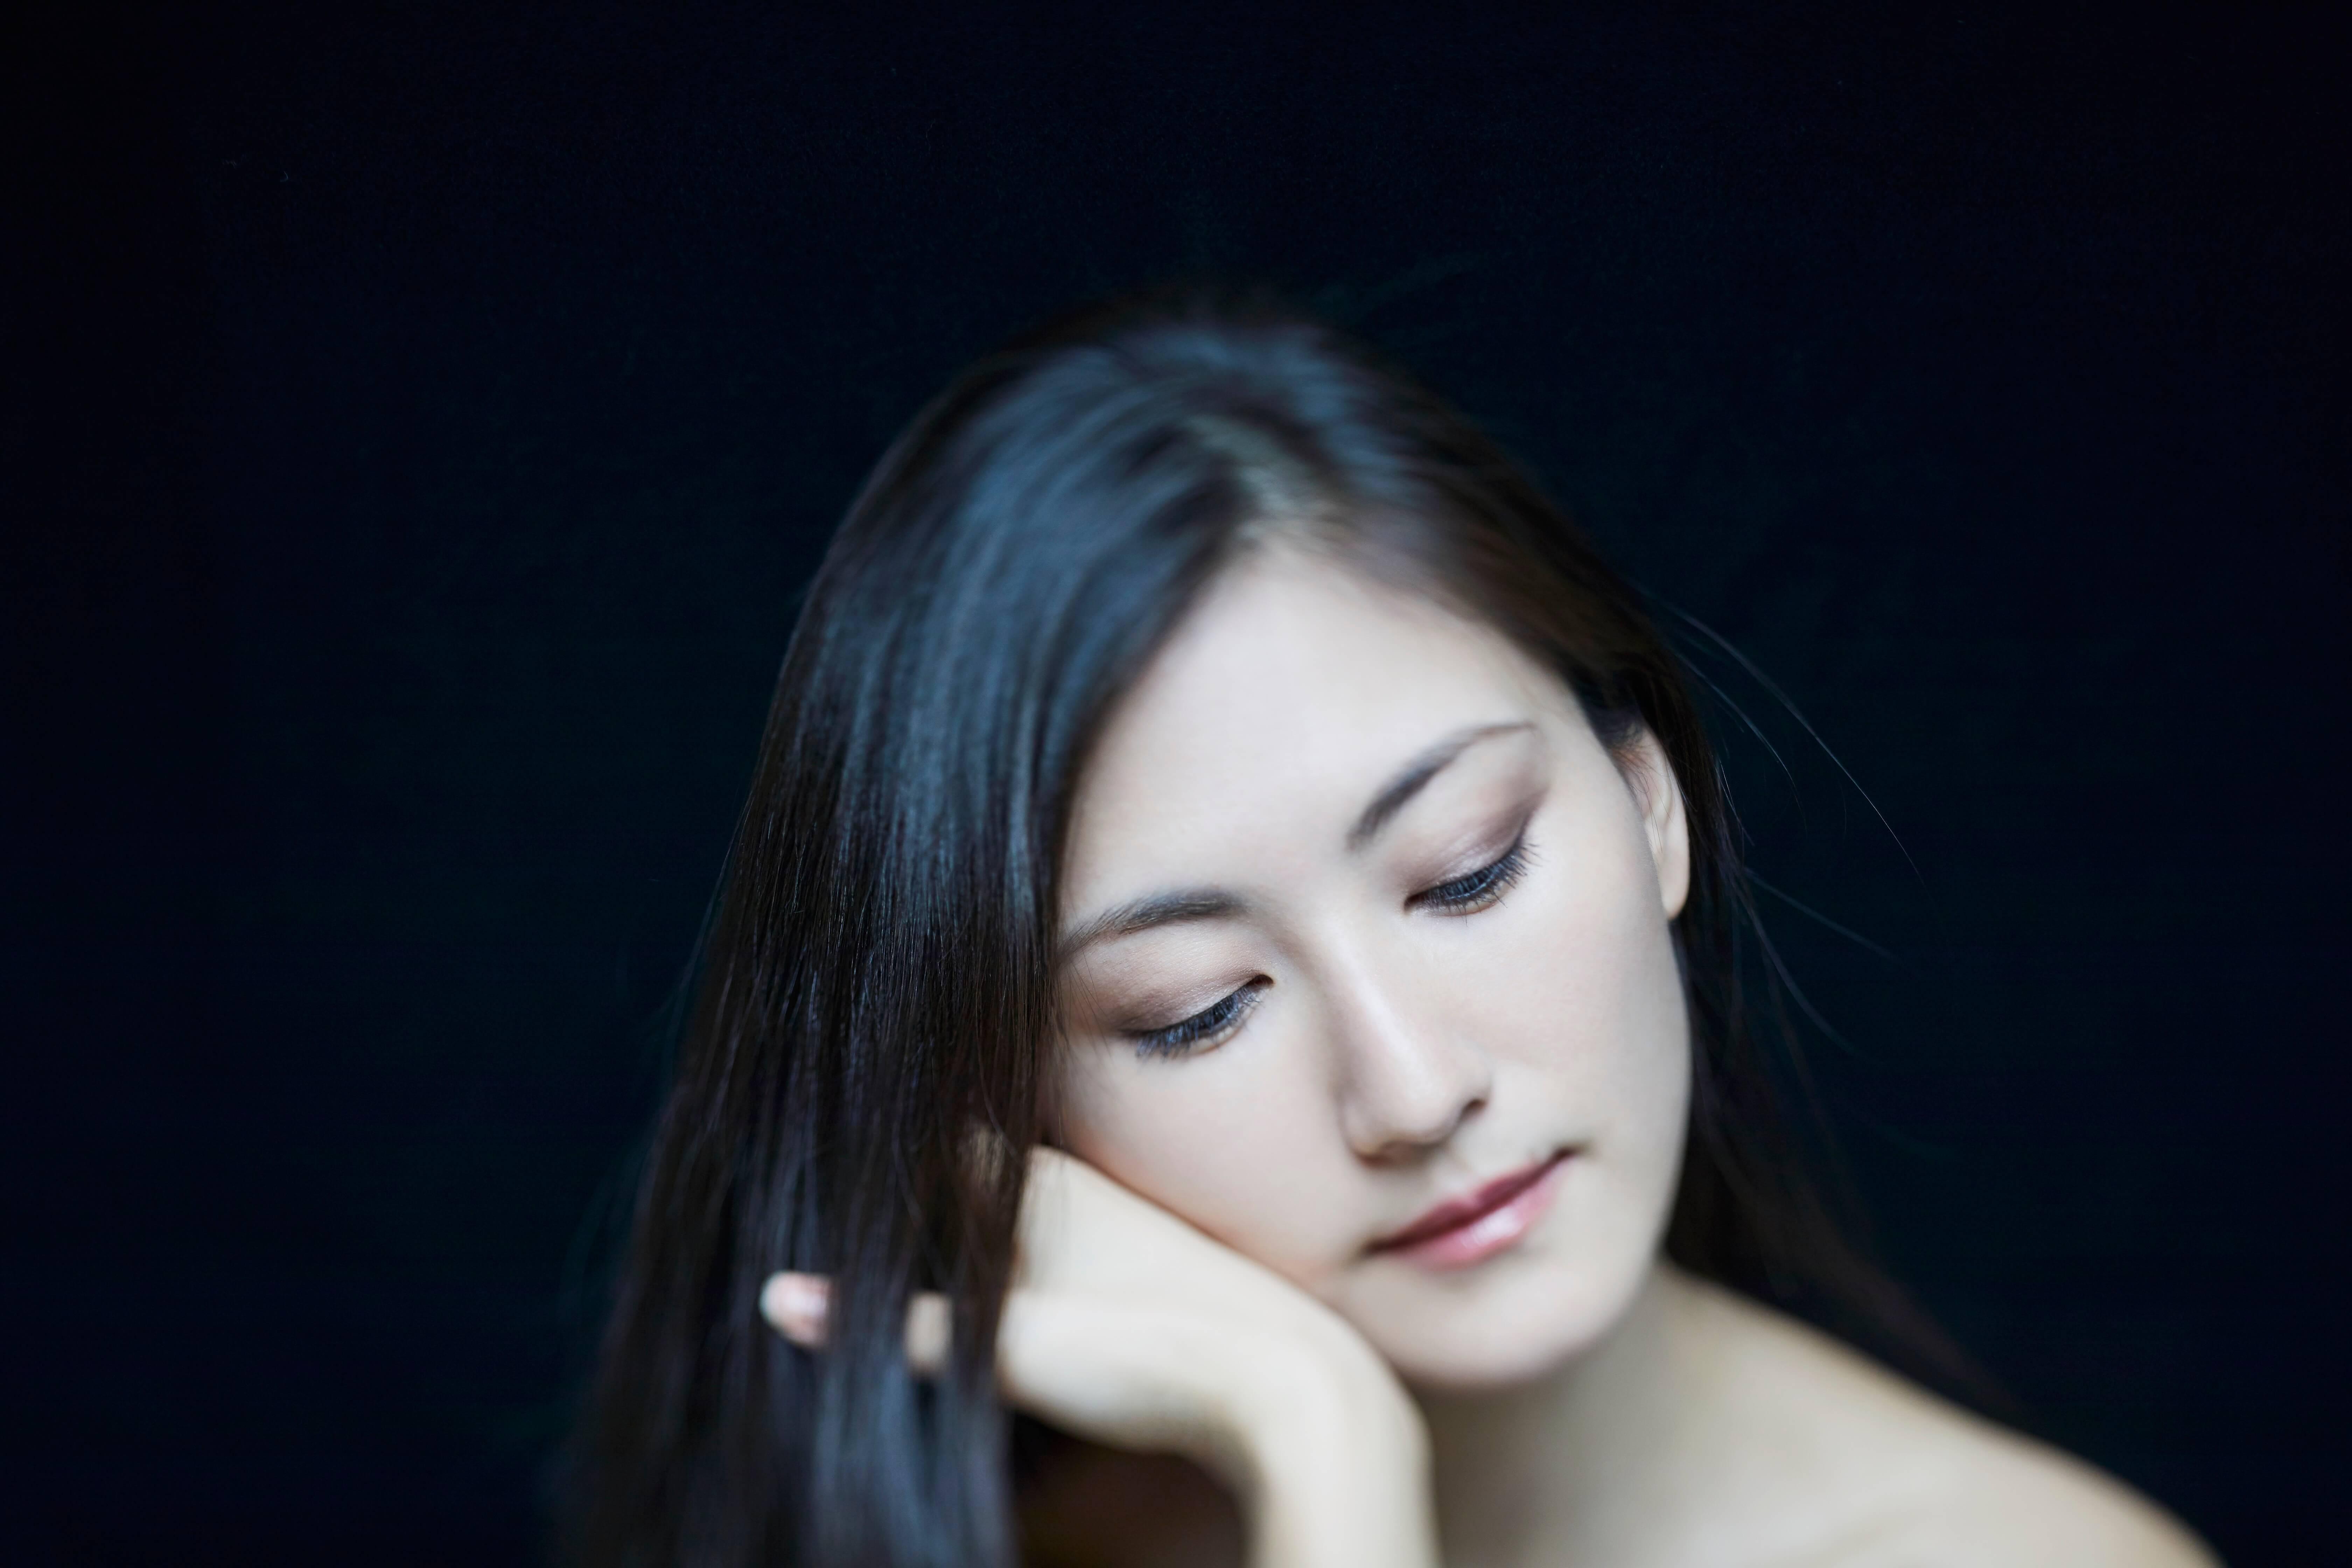 ソプラノ歌手・田中彩子さん、GOOD NATURE STATIONのアンバサダーに就任。音楽で未来を変える―。世界初演モノオペラ「ガラシャ」はその第一歩に。